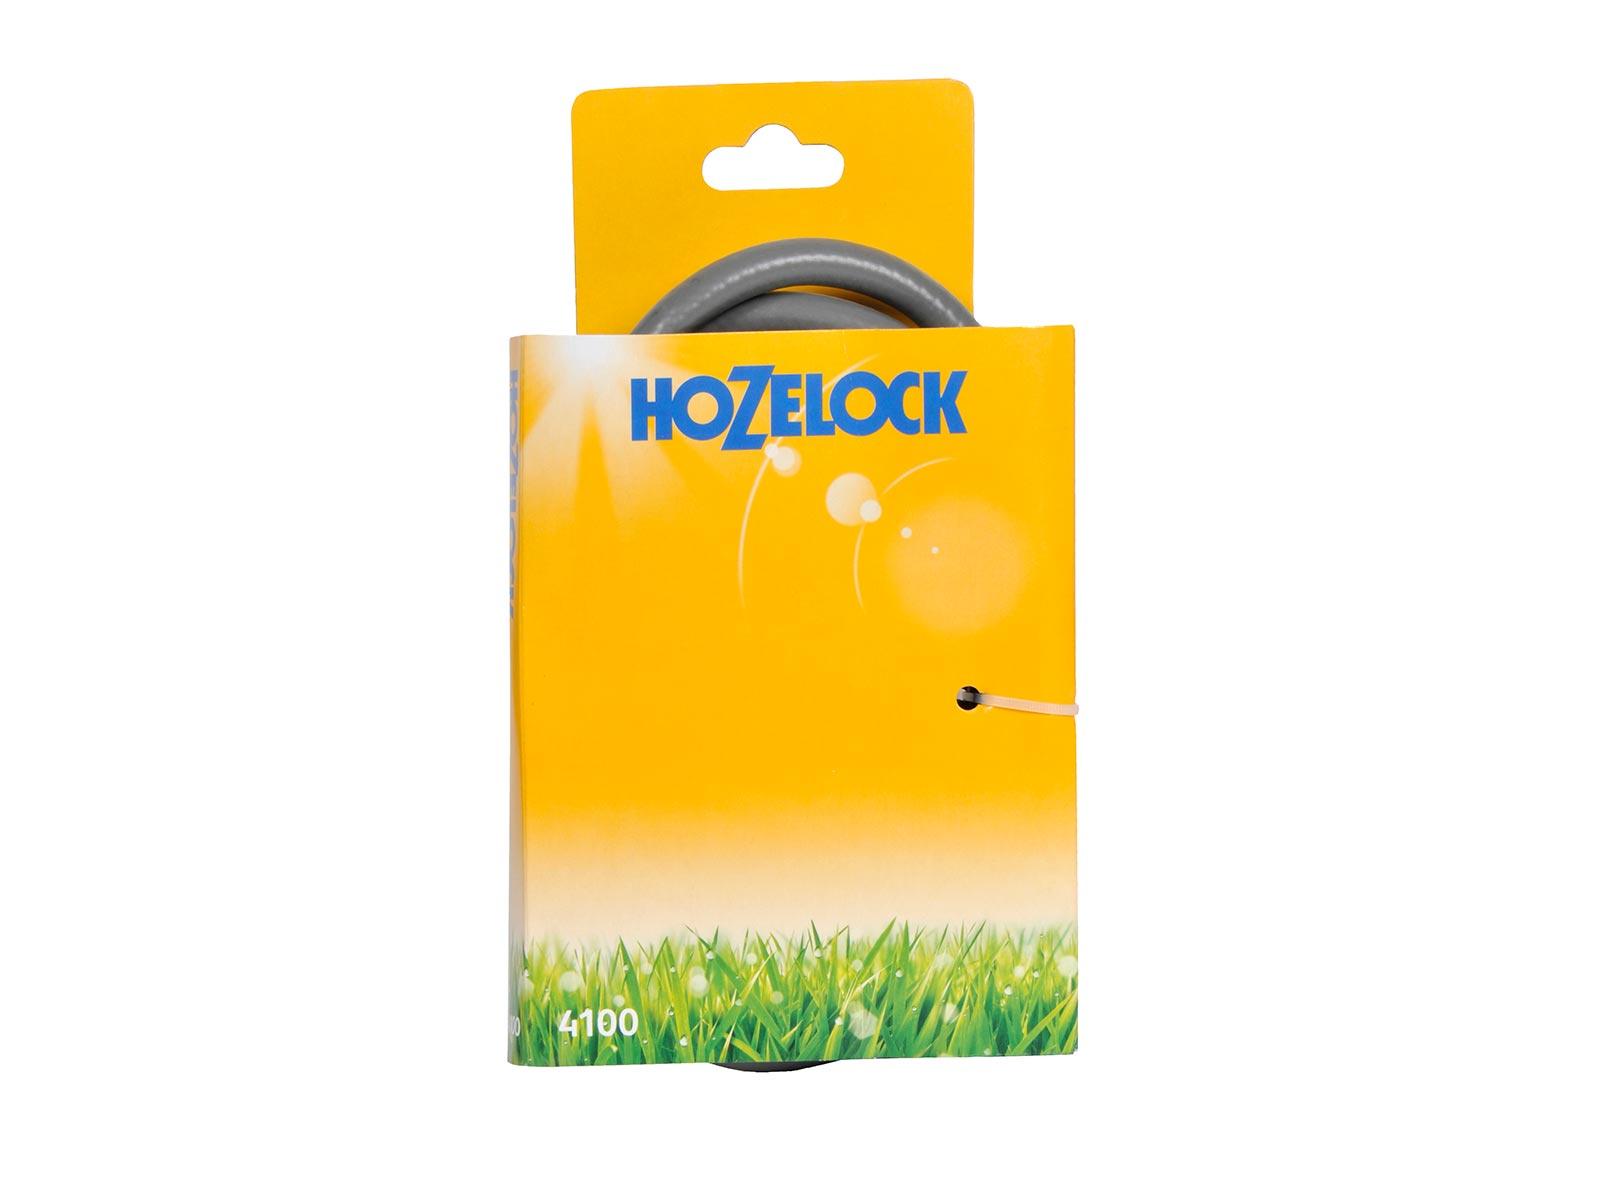 Опрыскиватель садовый Hozelock 4100 шланг для ранцевого опрыскивателя, 1,3 м, серый